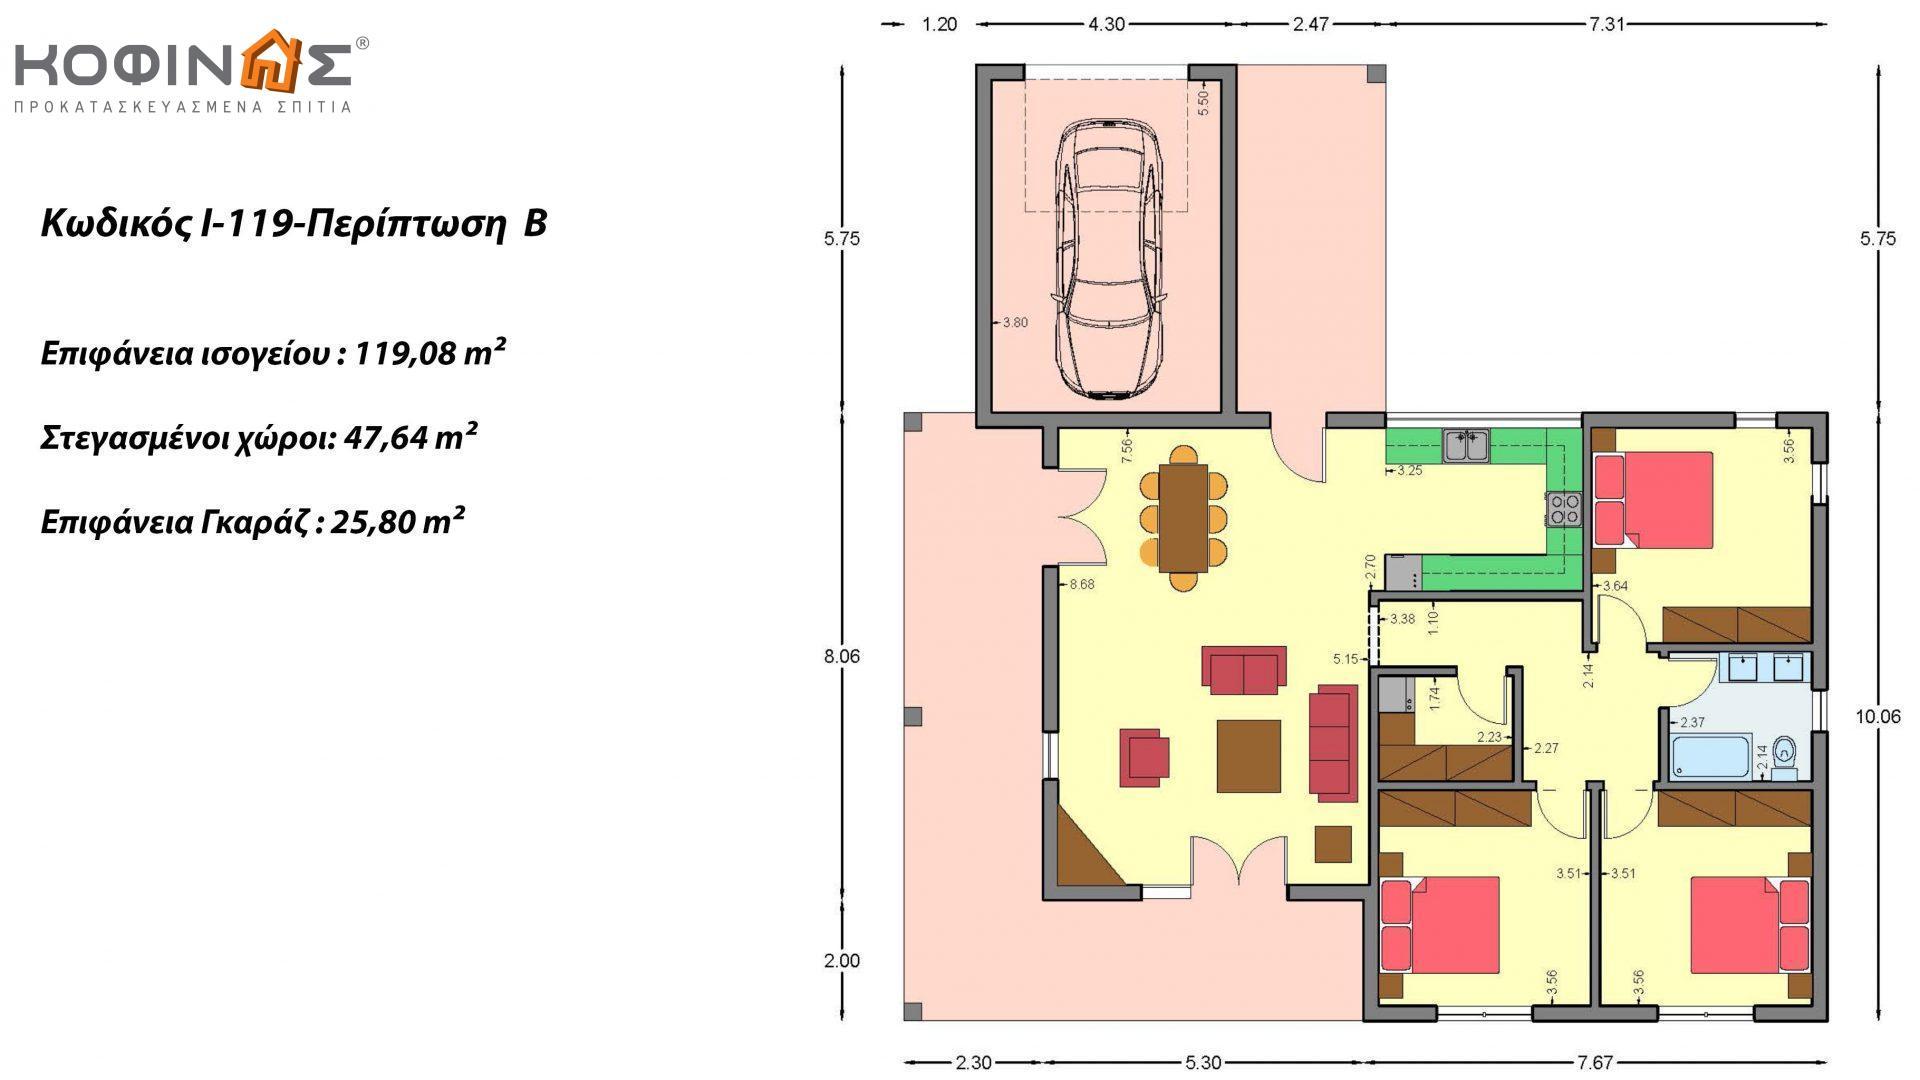 Ισόγεια Κατοικία I-119, συνολικής επιφάνειας 119,08 τ.μ., +Γκαράζ 25.80 m²(=144,88 m²),συνολική επιφάνεια στεγασμένων χώρων 47,64 τ.μ.